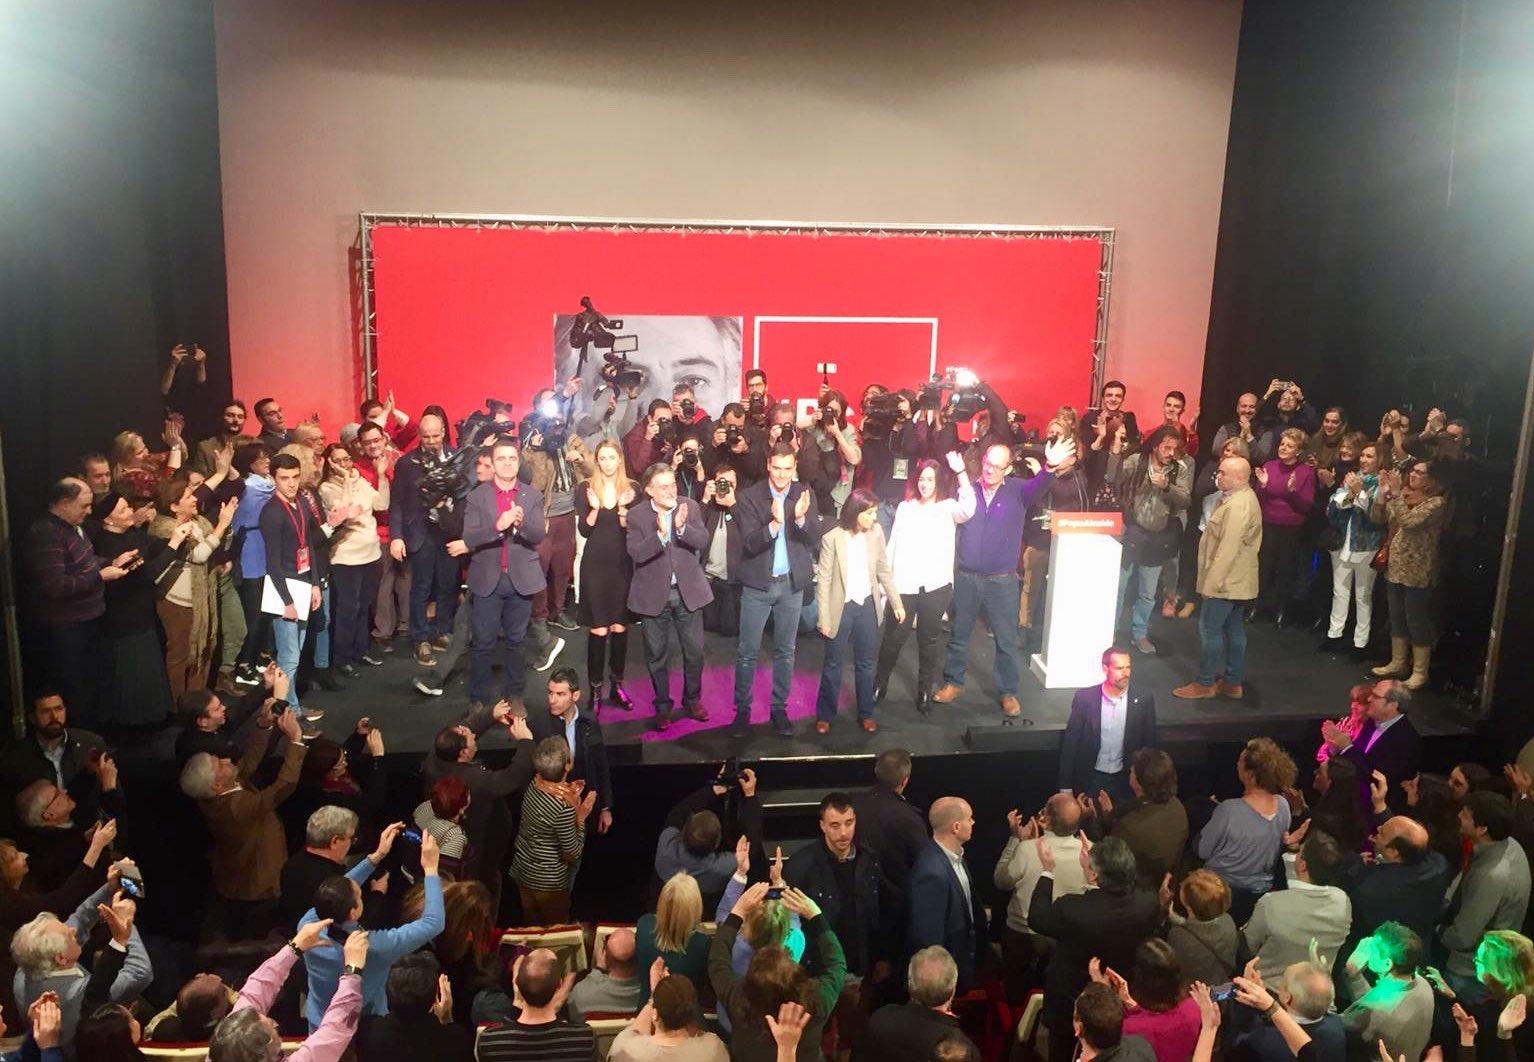 #PepuAlcalde Foto final de la Presentación de la Precandidatura a la Alcaldía de Madrid de Pepu Hernández en Teatro La Latina